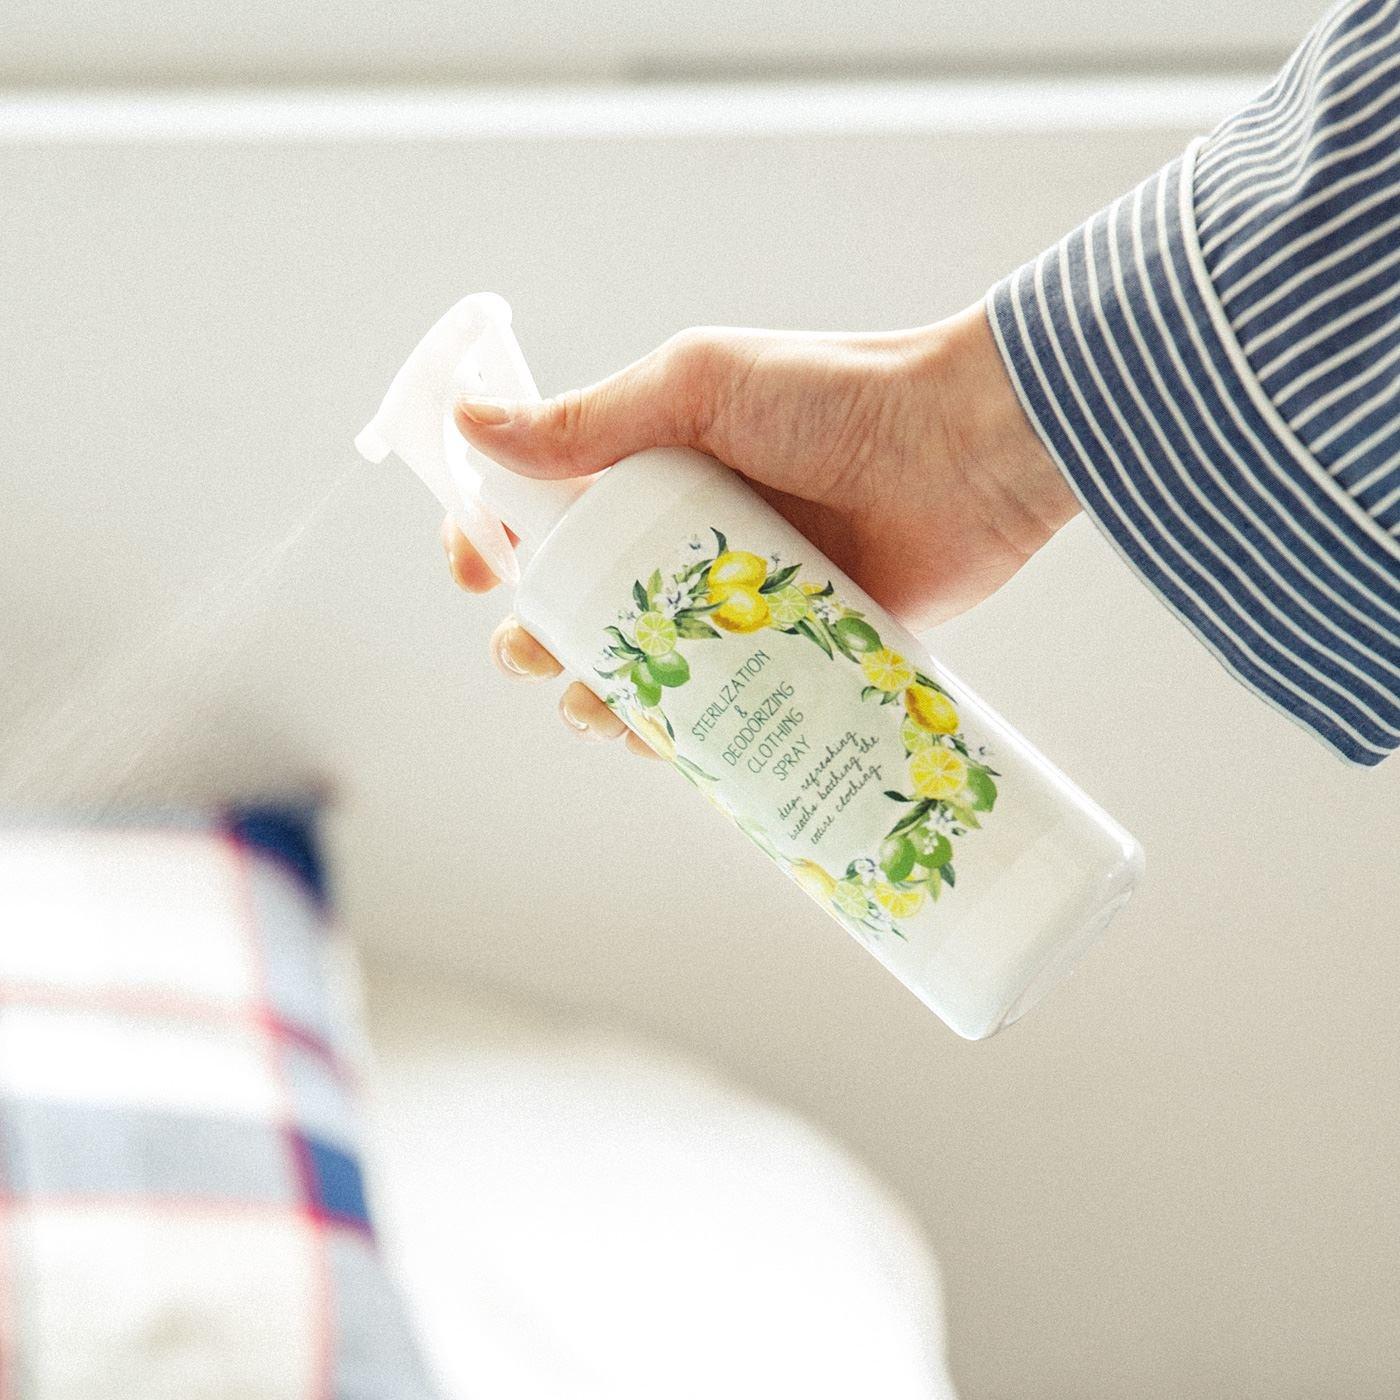 レモンとライムの精油が香る 自然派志向 植物由来の除菌消臭ウォーターの会